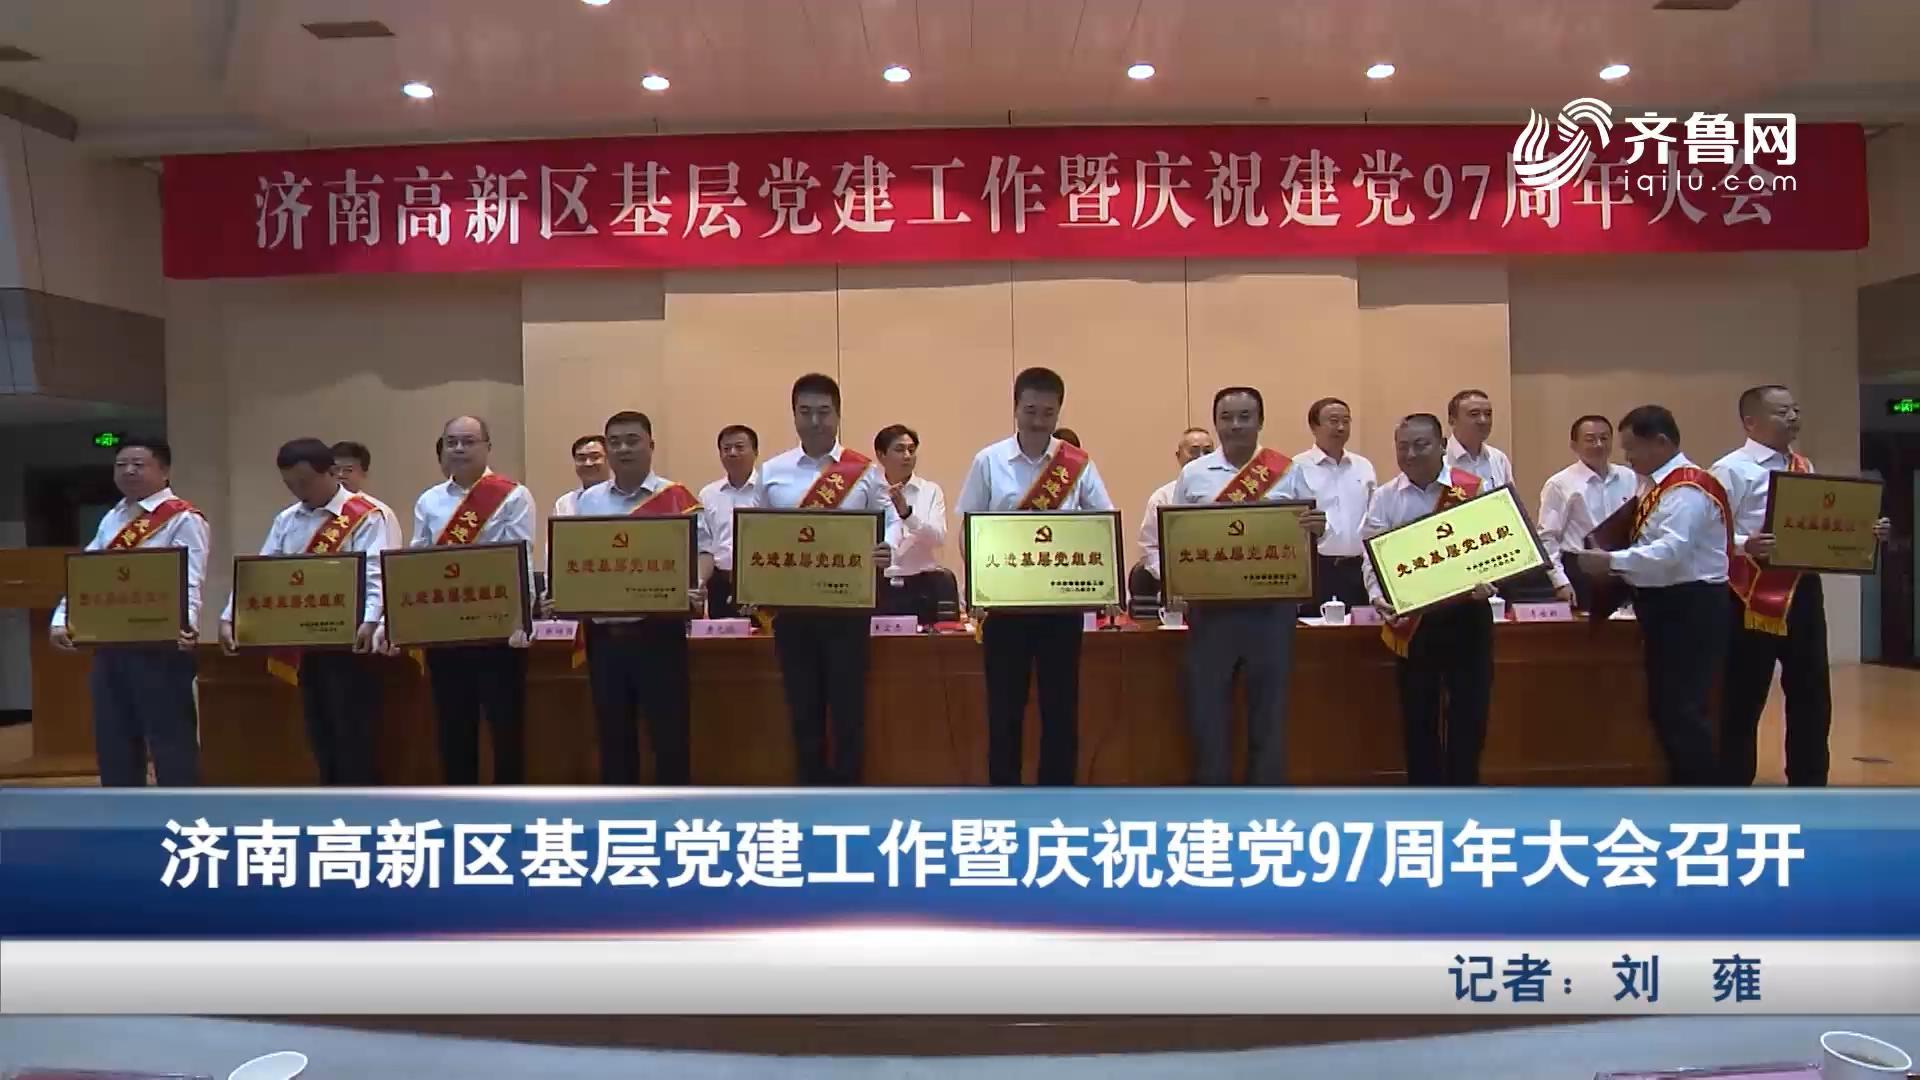 济南高新区基层党建工作暨庆祝党建97周年大会召开